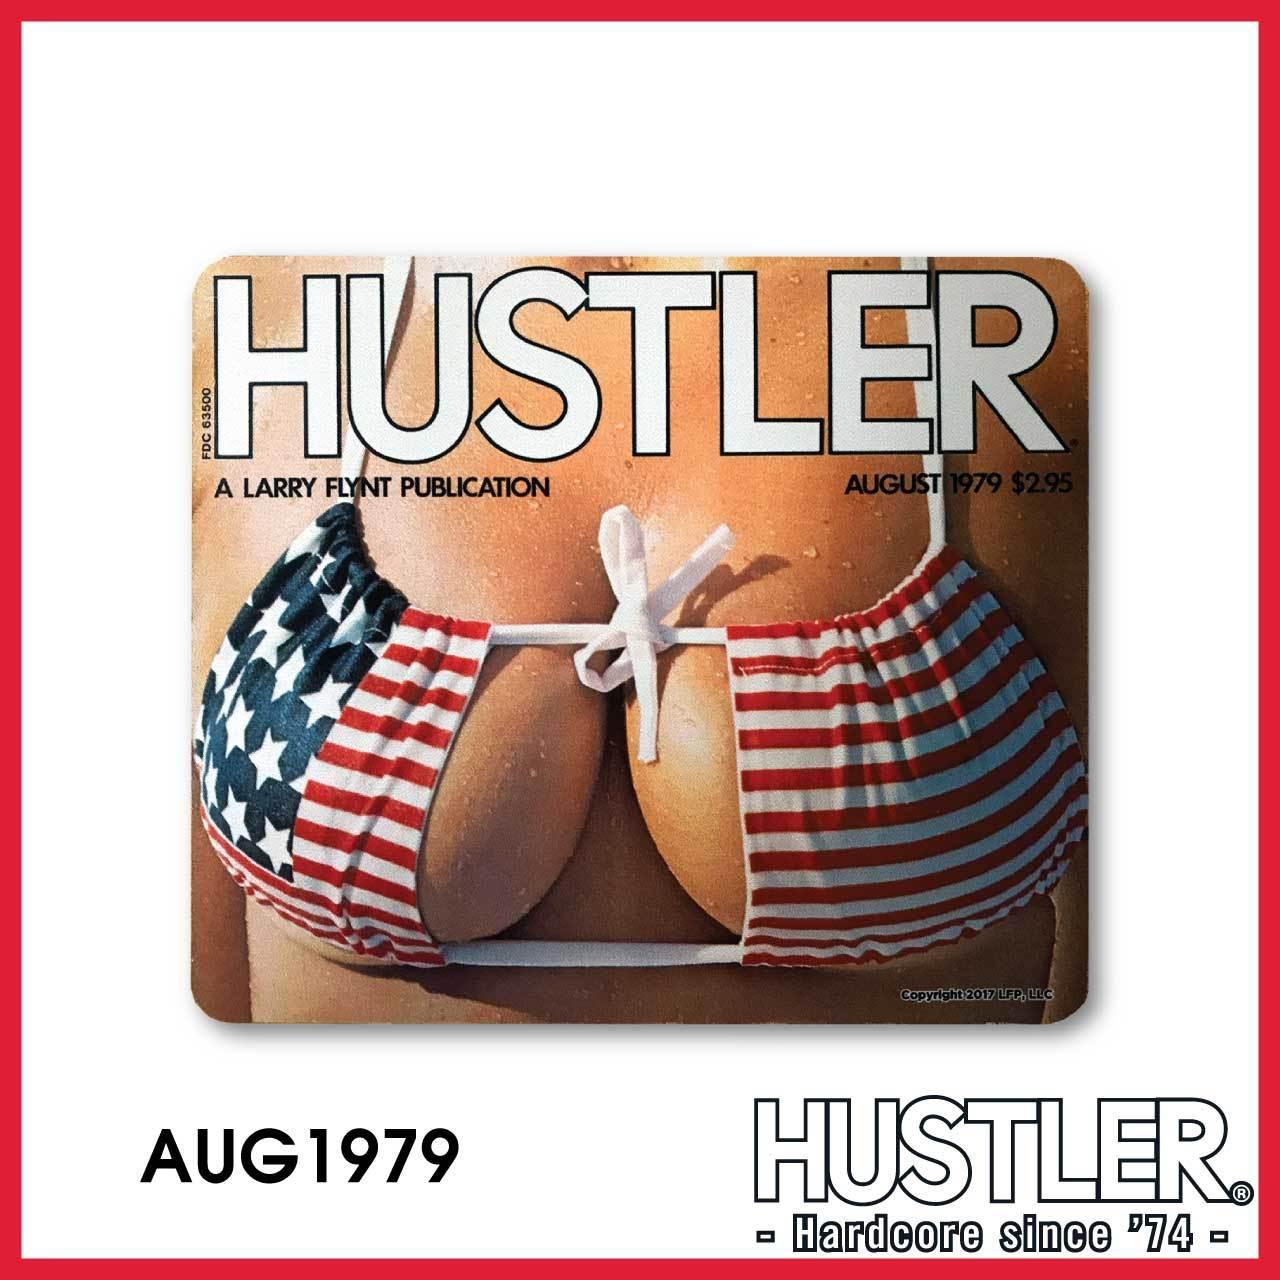 HUSTLER MOUSE PAD(ハスラー・マウスパッド) / AUGUST 1979 カバー